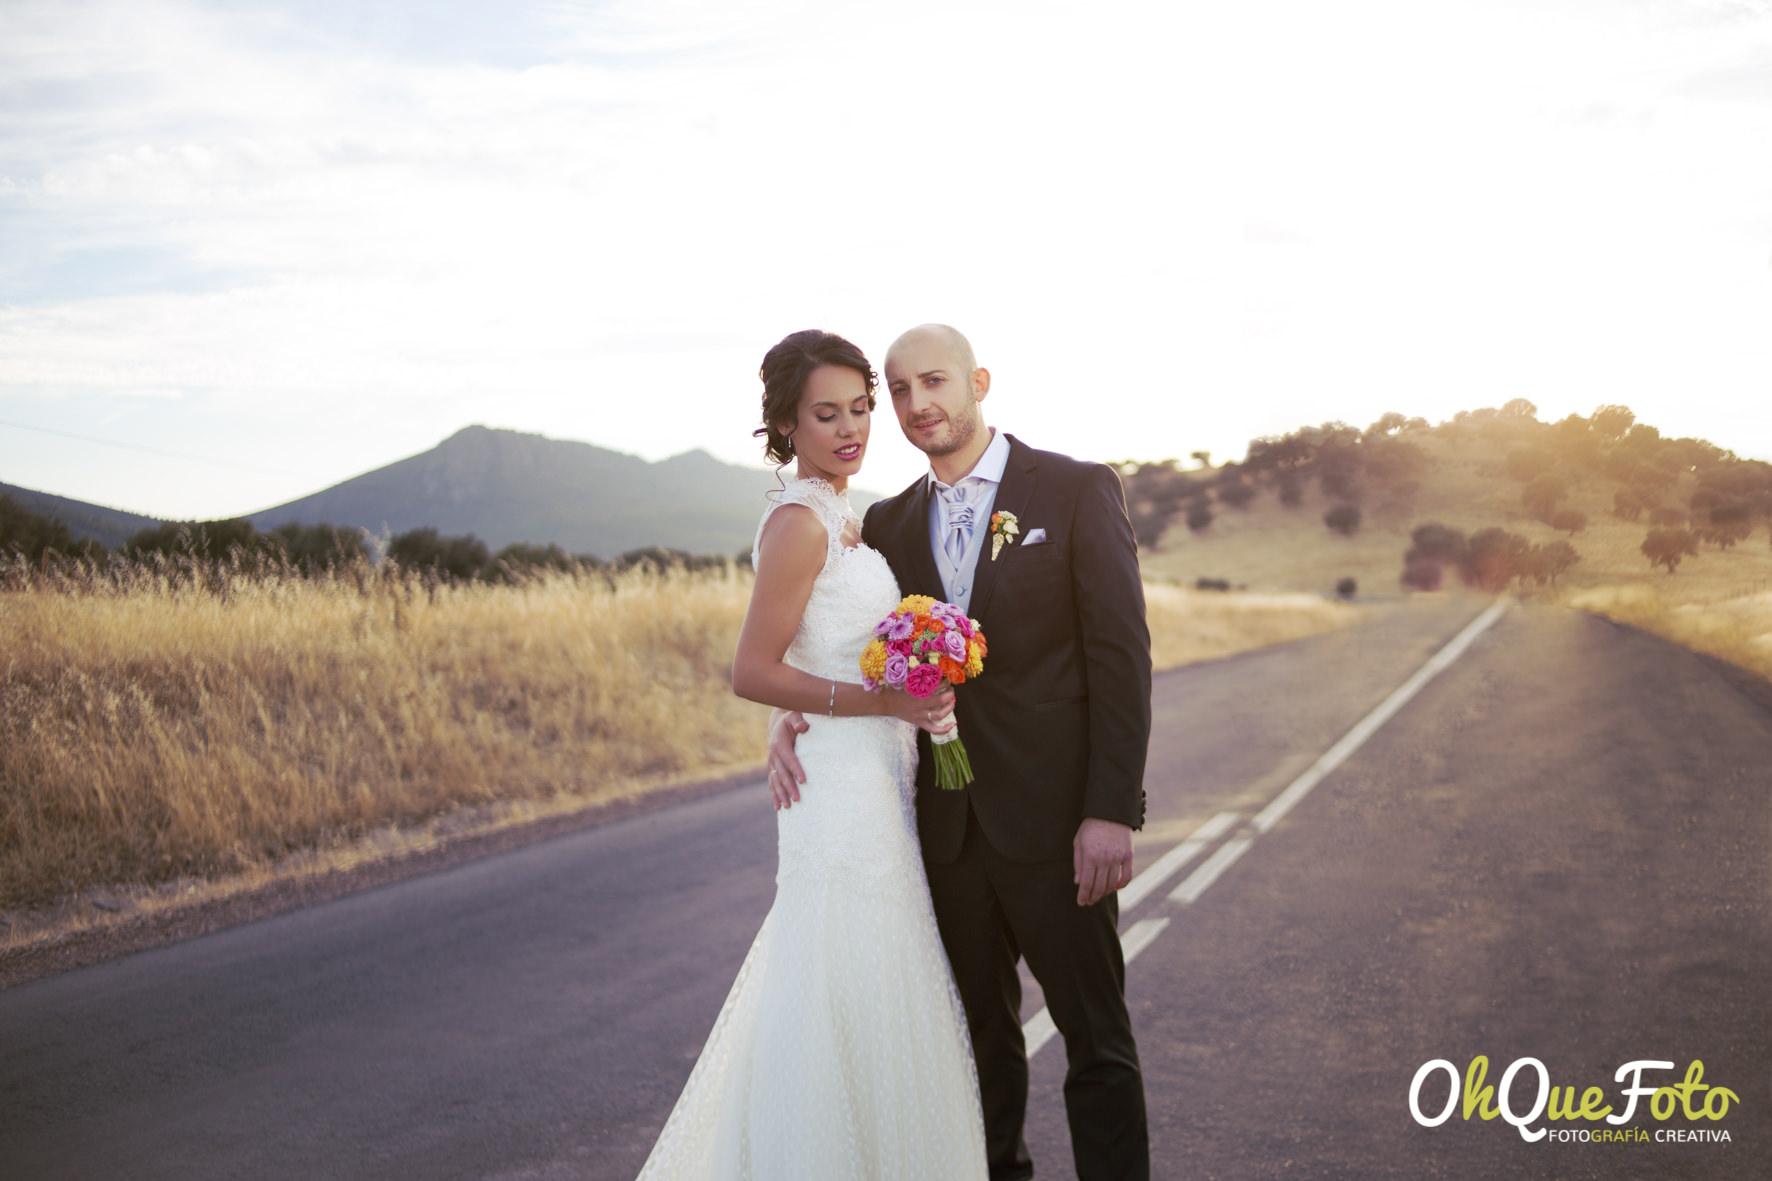 boda en almaden - angela y pedro - la peraleda - almaden - chillón - fontanosas